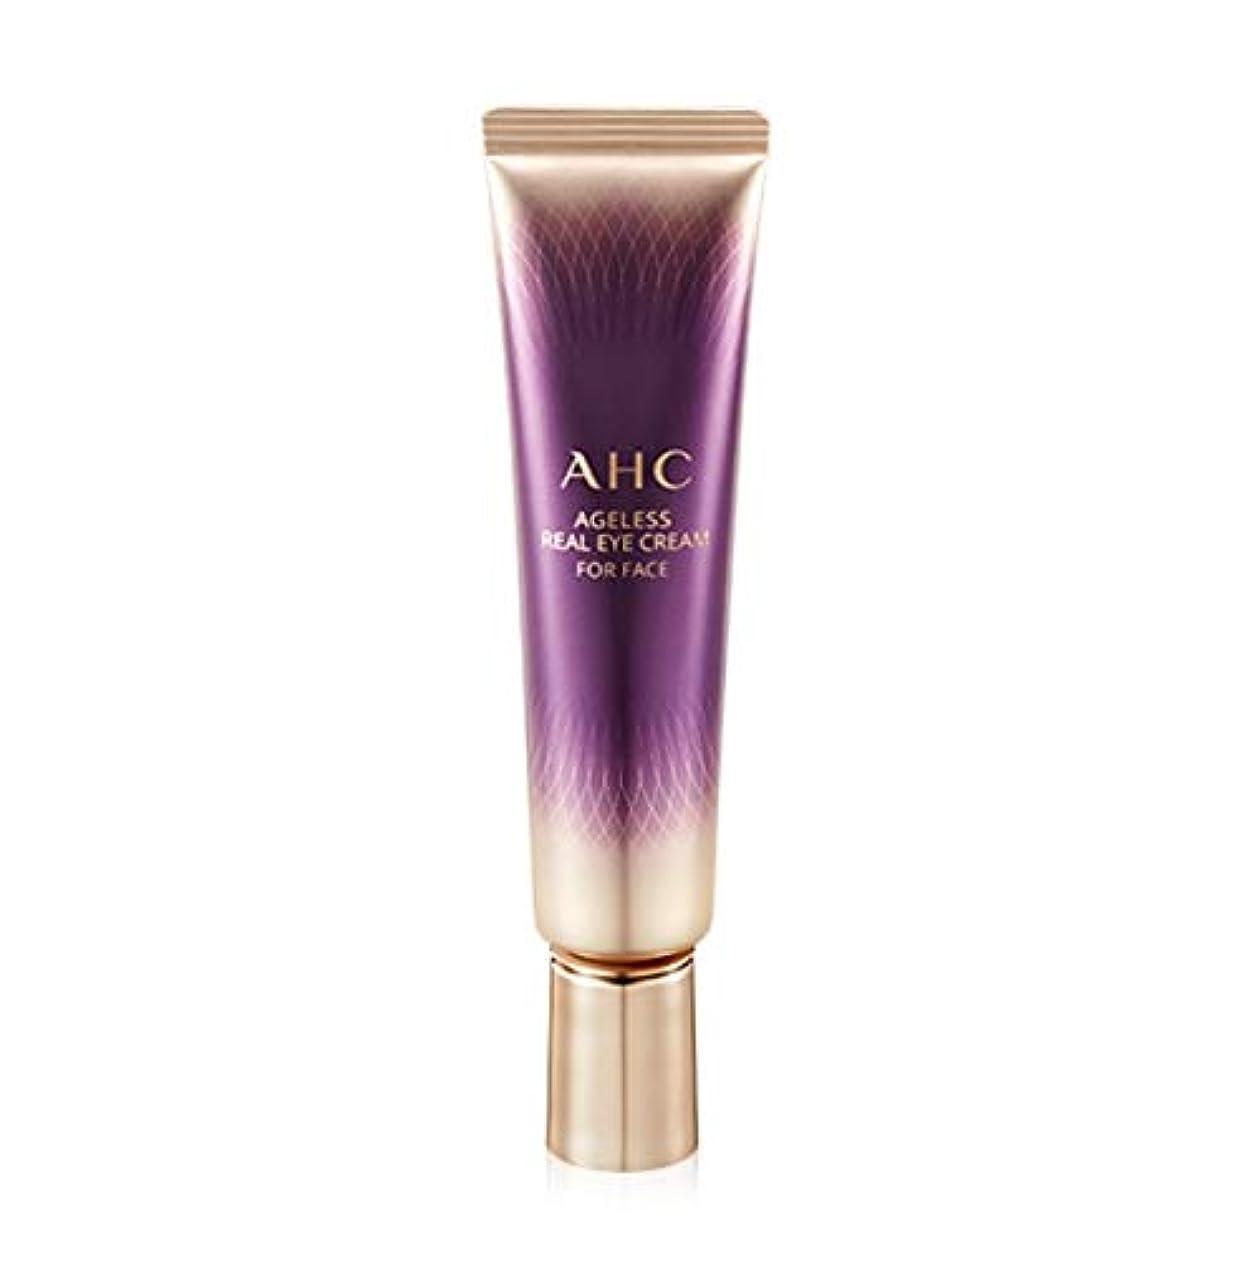 クリスチャン飛び込む酔う[New] AHC Ageless Real Eye Cream For Face Season 7 30ml / AHC エイジレス リアル アイクリーム フォーフェイス 30ml [並行輸入品]